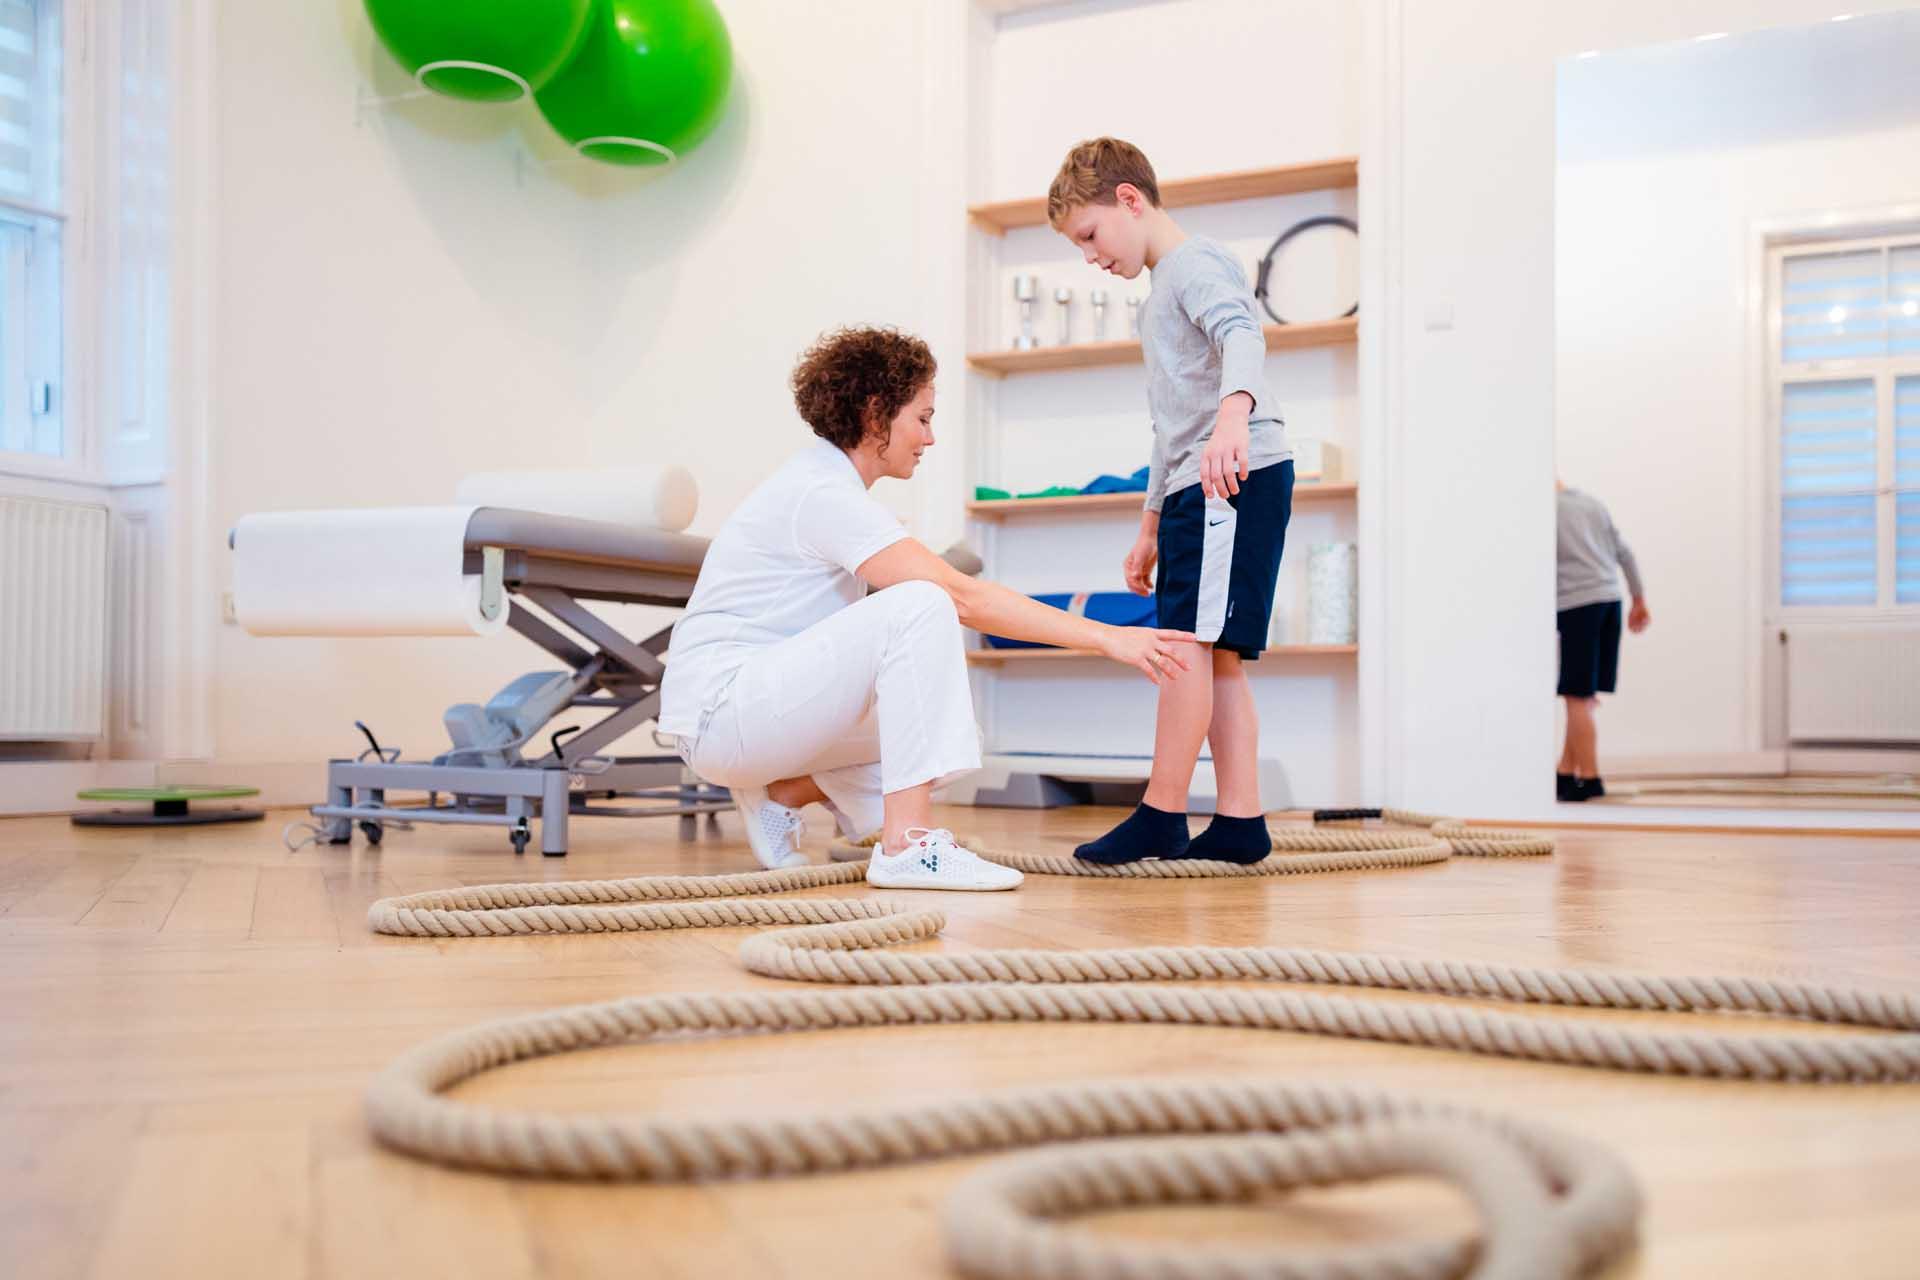 Gangschulung ei Kinemedic - Praxis für physikalische und rehabilitative Medizin